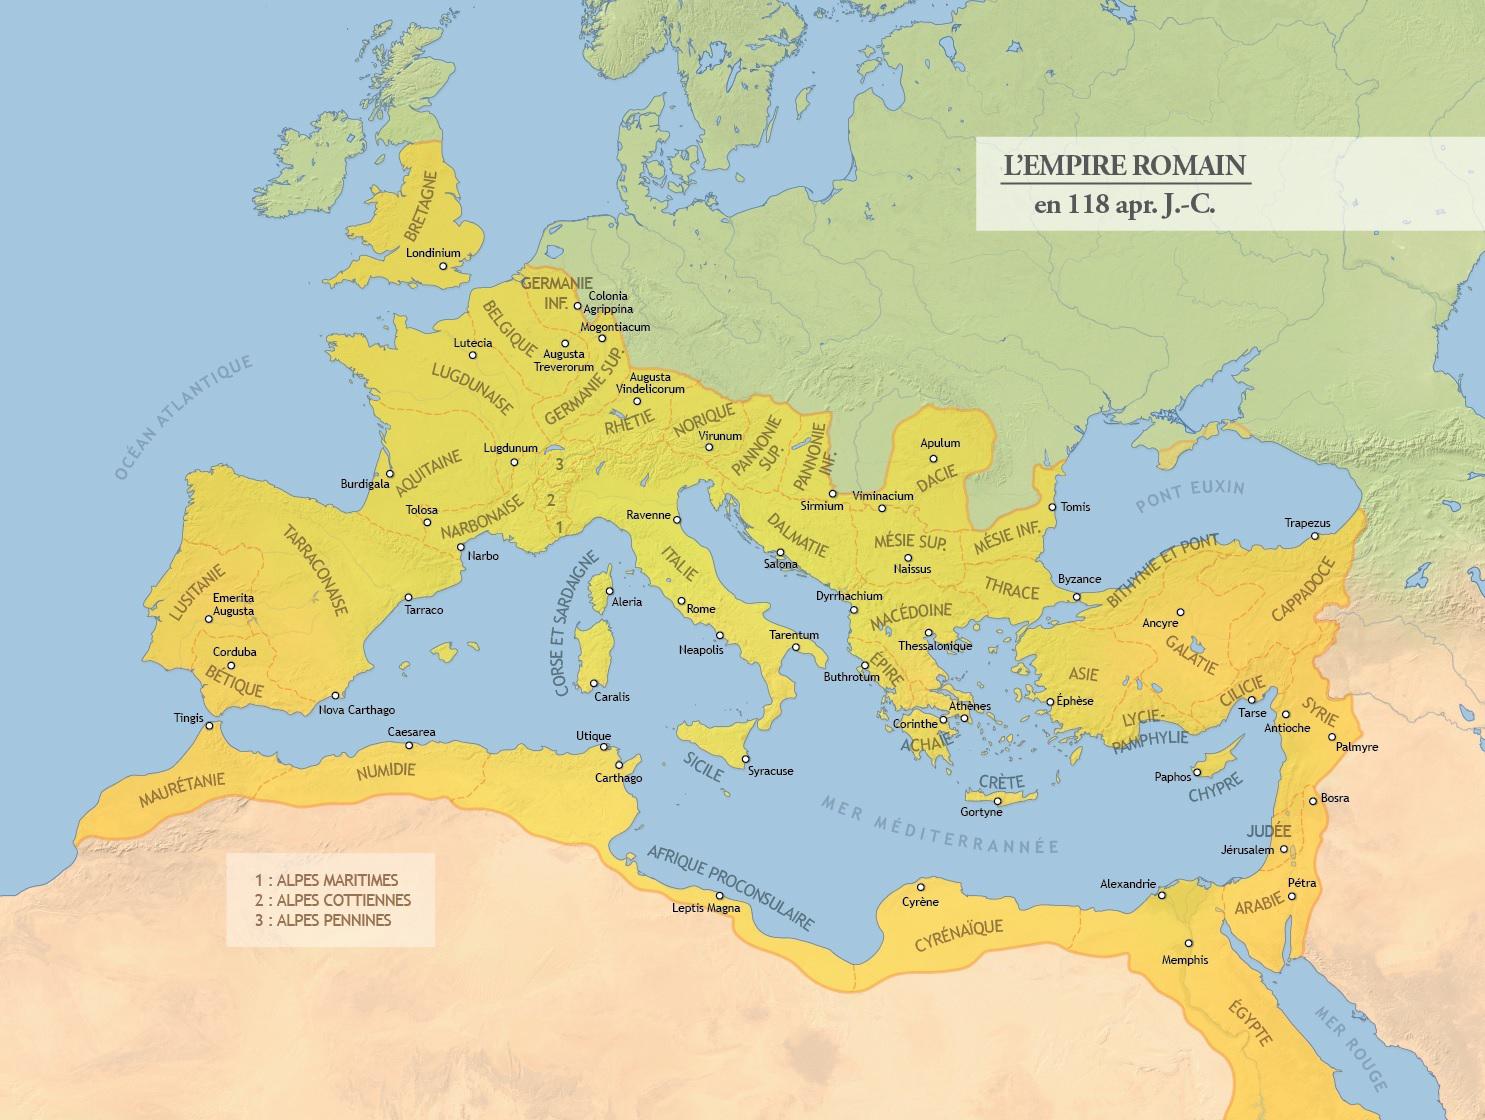 """Résultat de recherche d'images pour """"carte empire romain hadrien"""""""